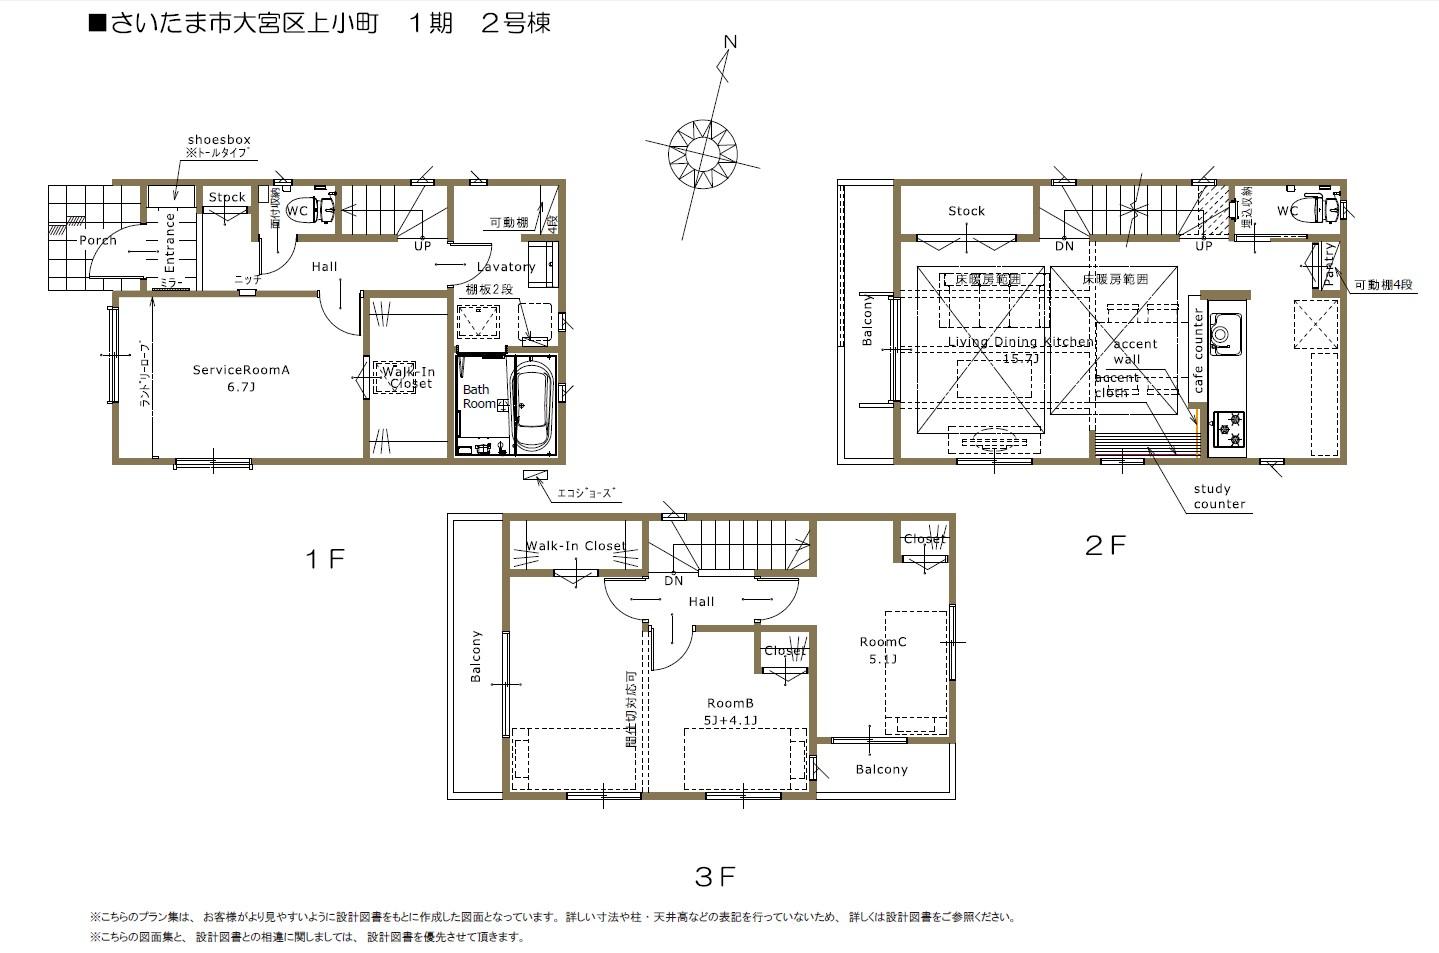 【2号棟】3LDK(4LDK対応可)+2ウォークインクローゼット+パントリー+アクセントウォール+スタディーカウンター+南面バルコニー+床暖房